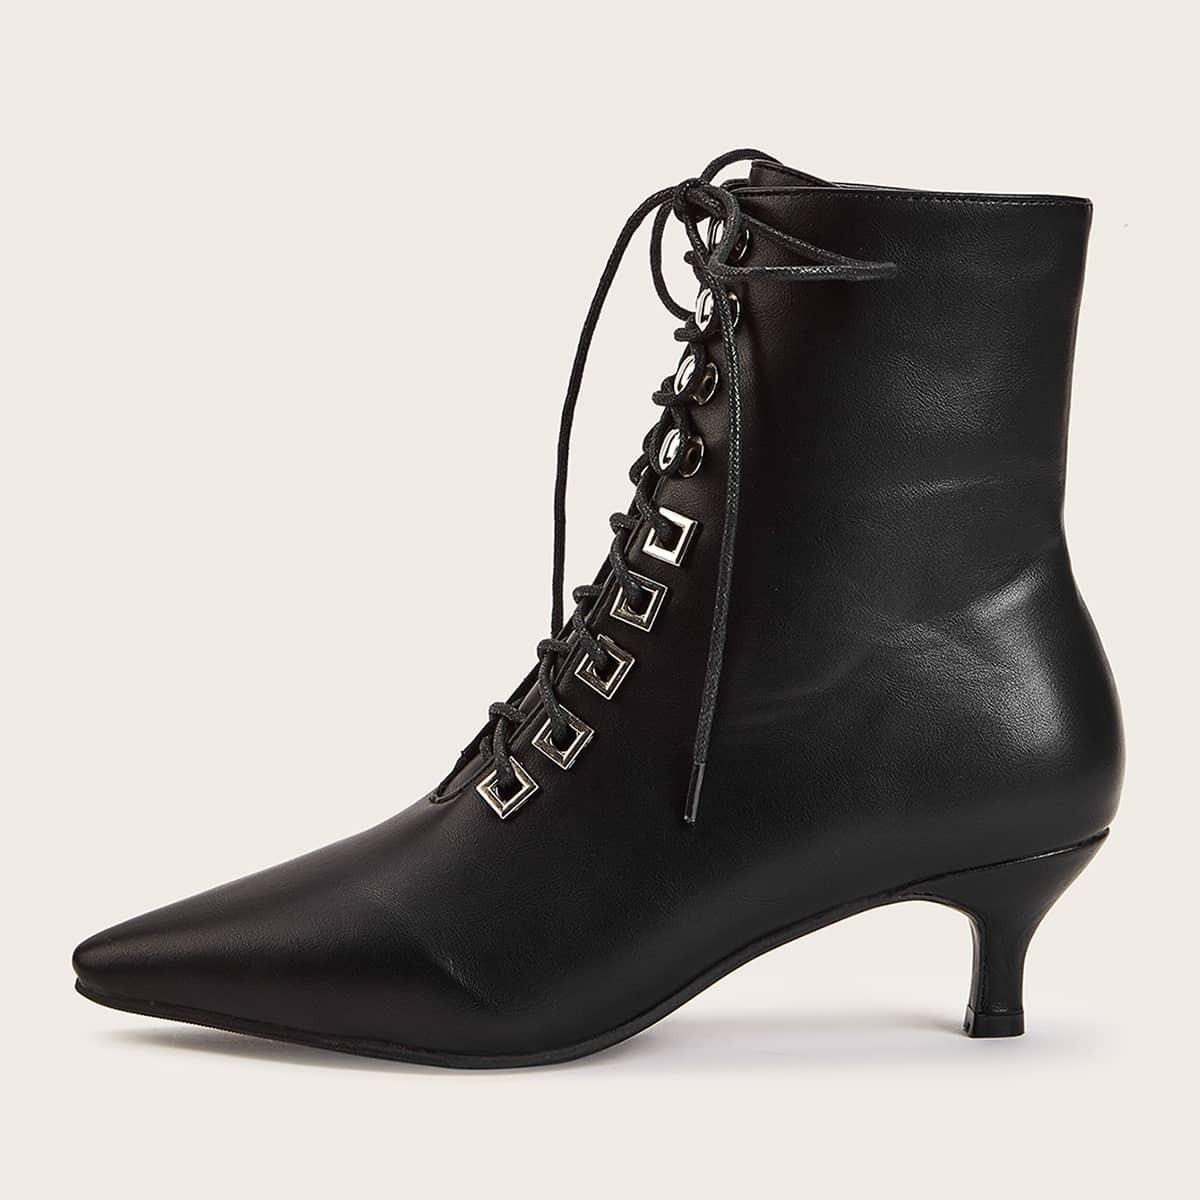 Puntschoen veter veter laarzen met hak